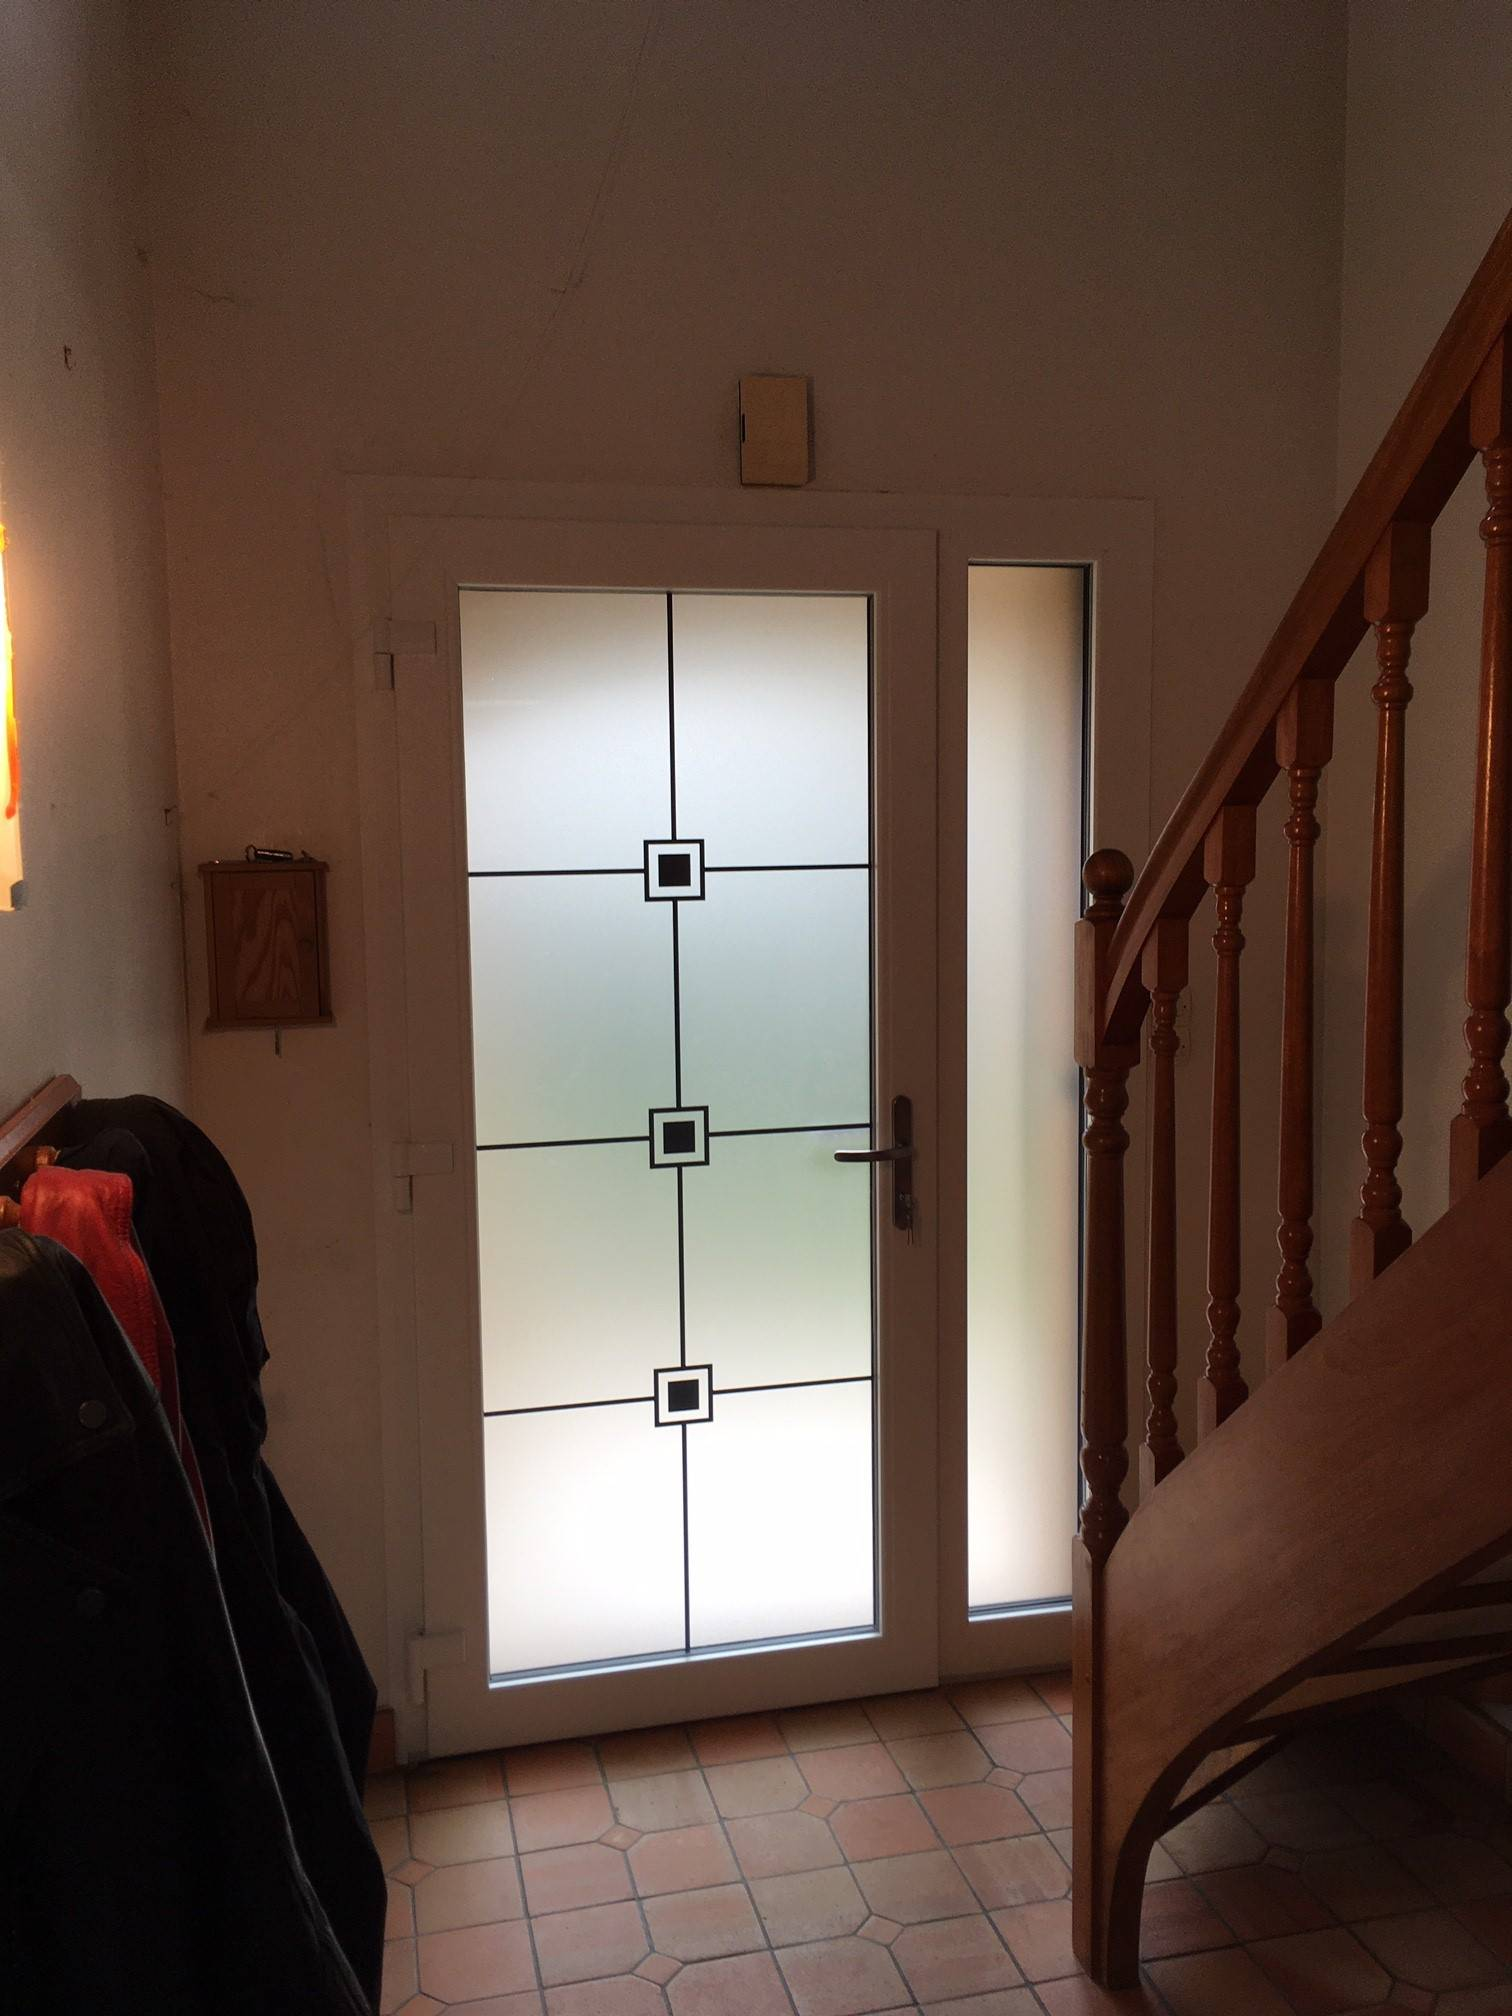 Couleur Porte Interieur Blanc Gris porte d'entrée aluminium tiers bi-couleur blanc/brun gris